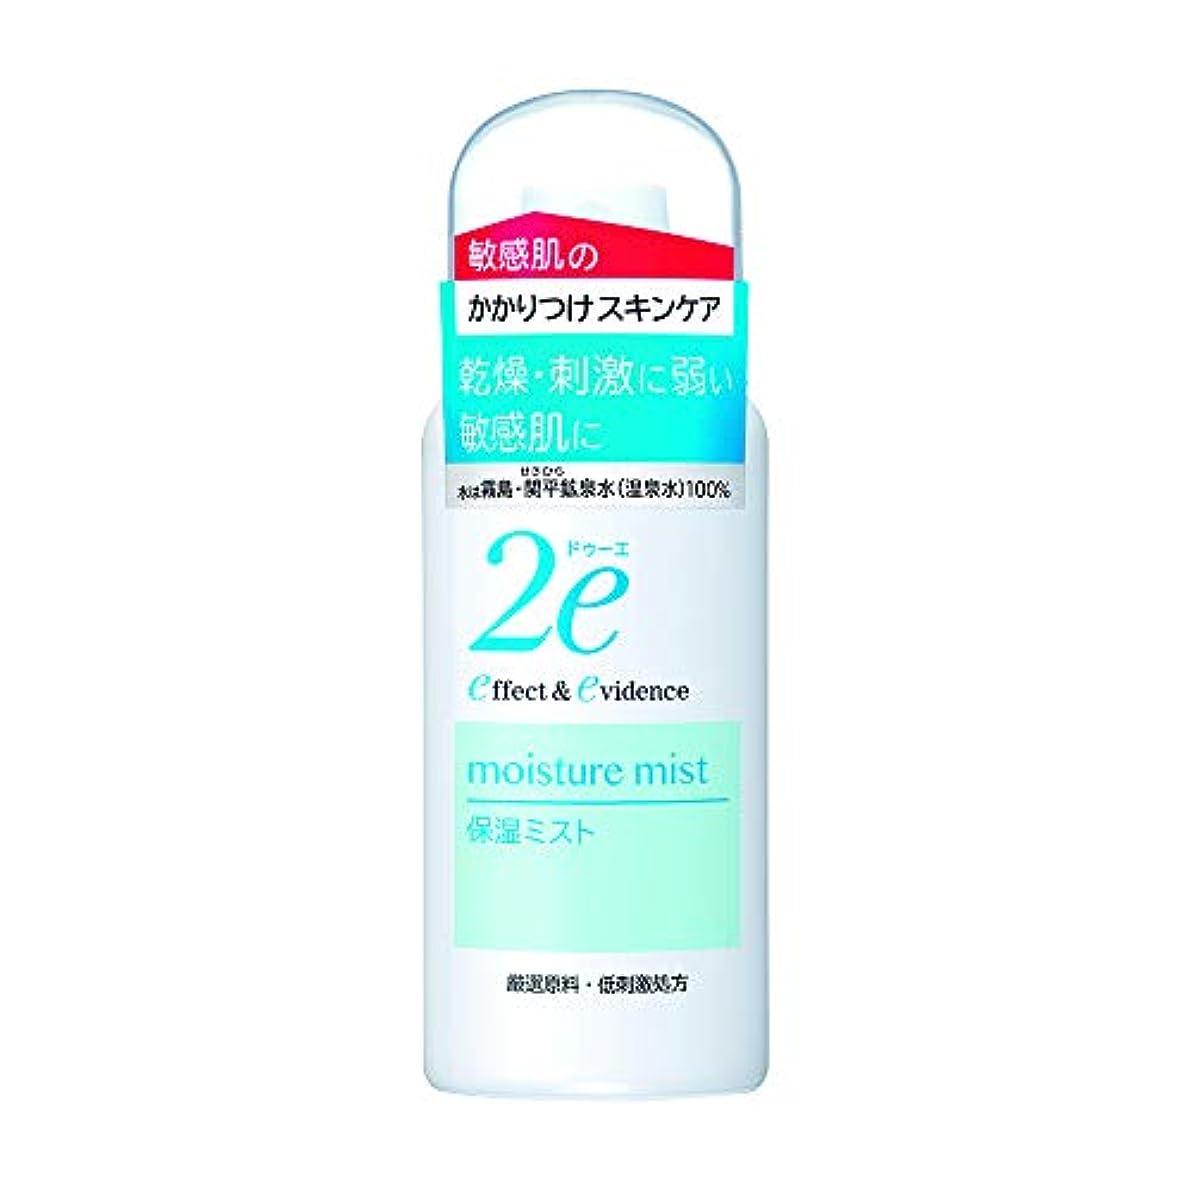 希少性紳士衣服2e(ドゥーエ) 保湿ミスト 携帯用 敏感肌用化粧水 スプレータイプ 低刺激処方 50g